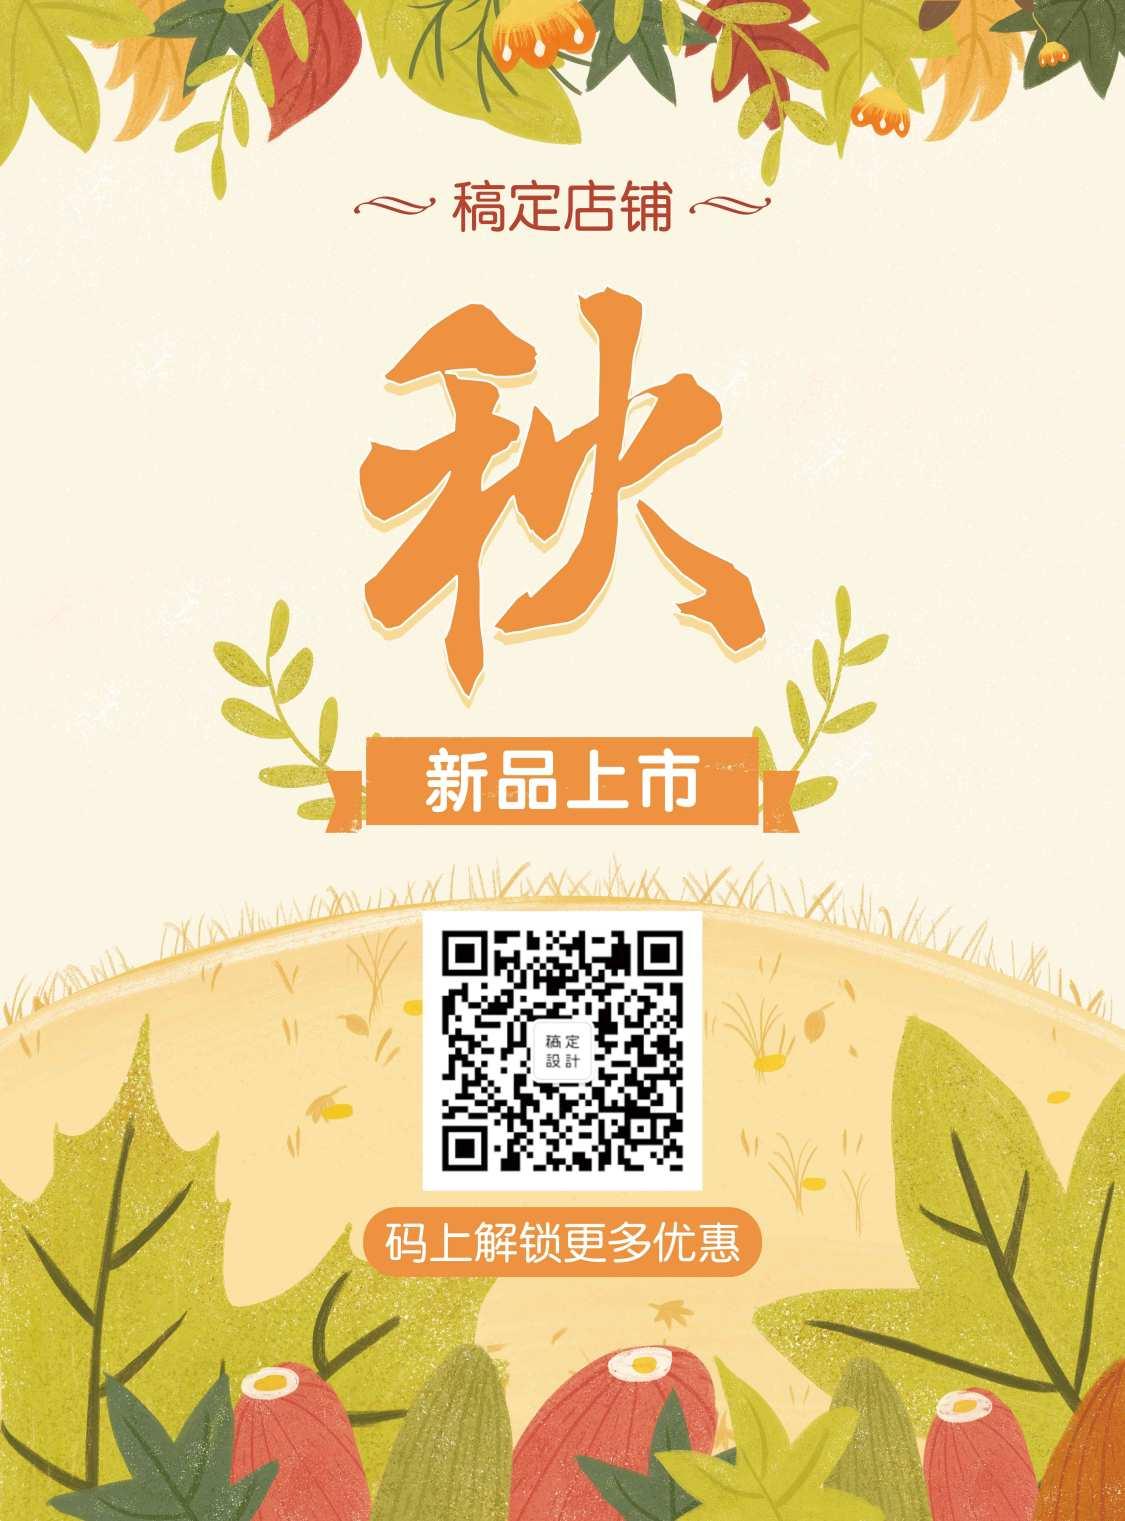 秋季上新/清新文艺/张贴海报